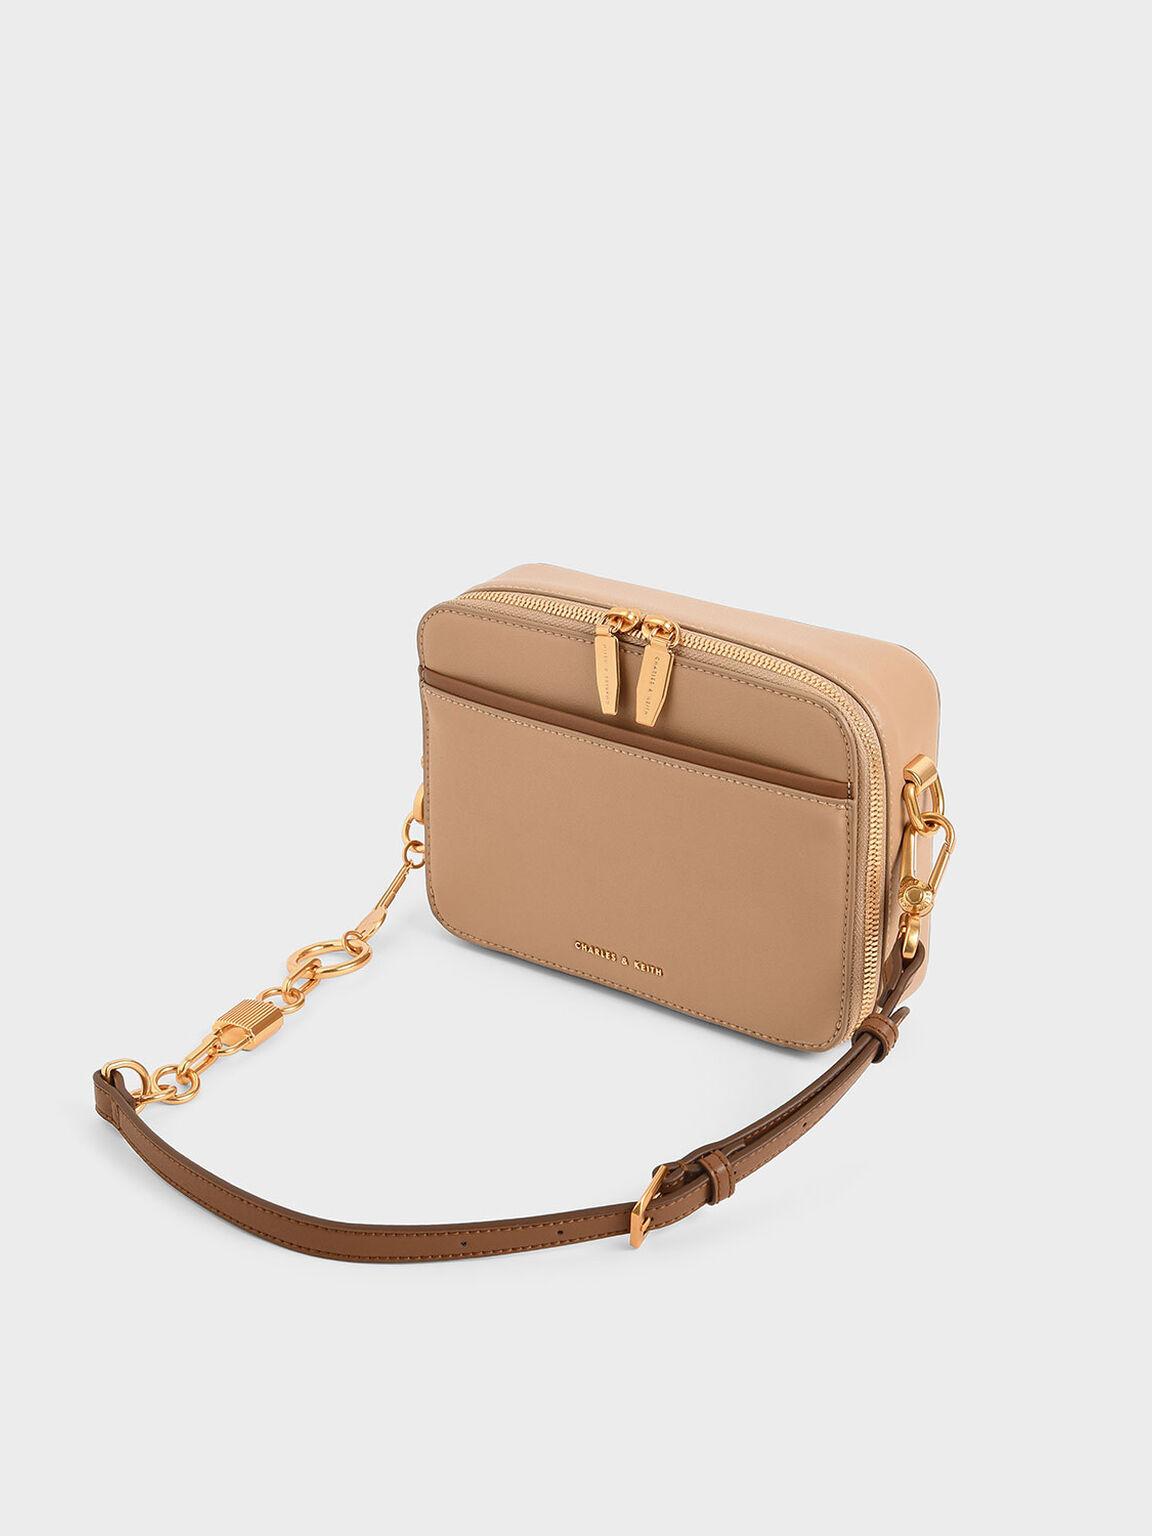 Double Zip Crossbody Bag, Beige, hi-res